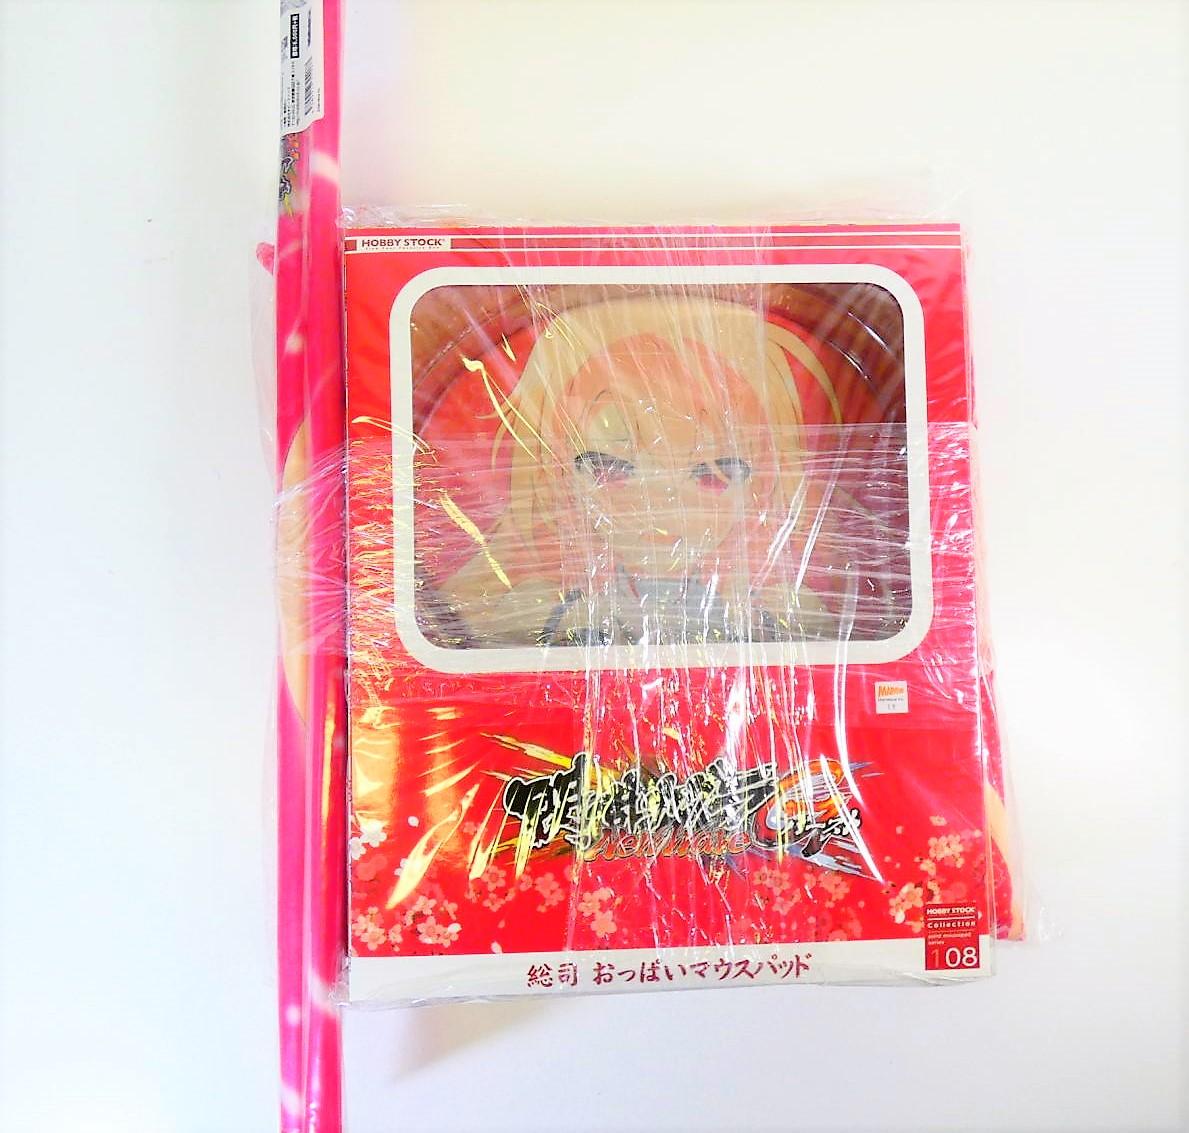 閃乱カグラ NewWave Gバースト 総司 おっぱいマウスパッド B2タペストリー&フラットタイプクッション付限定版 買取